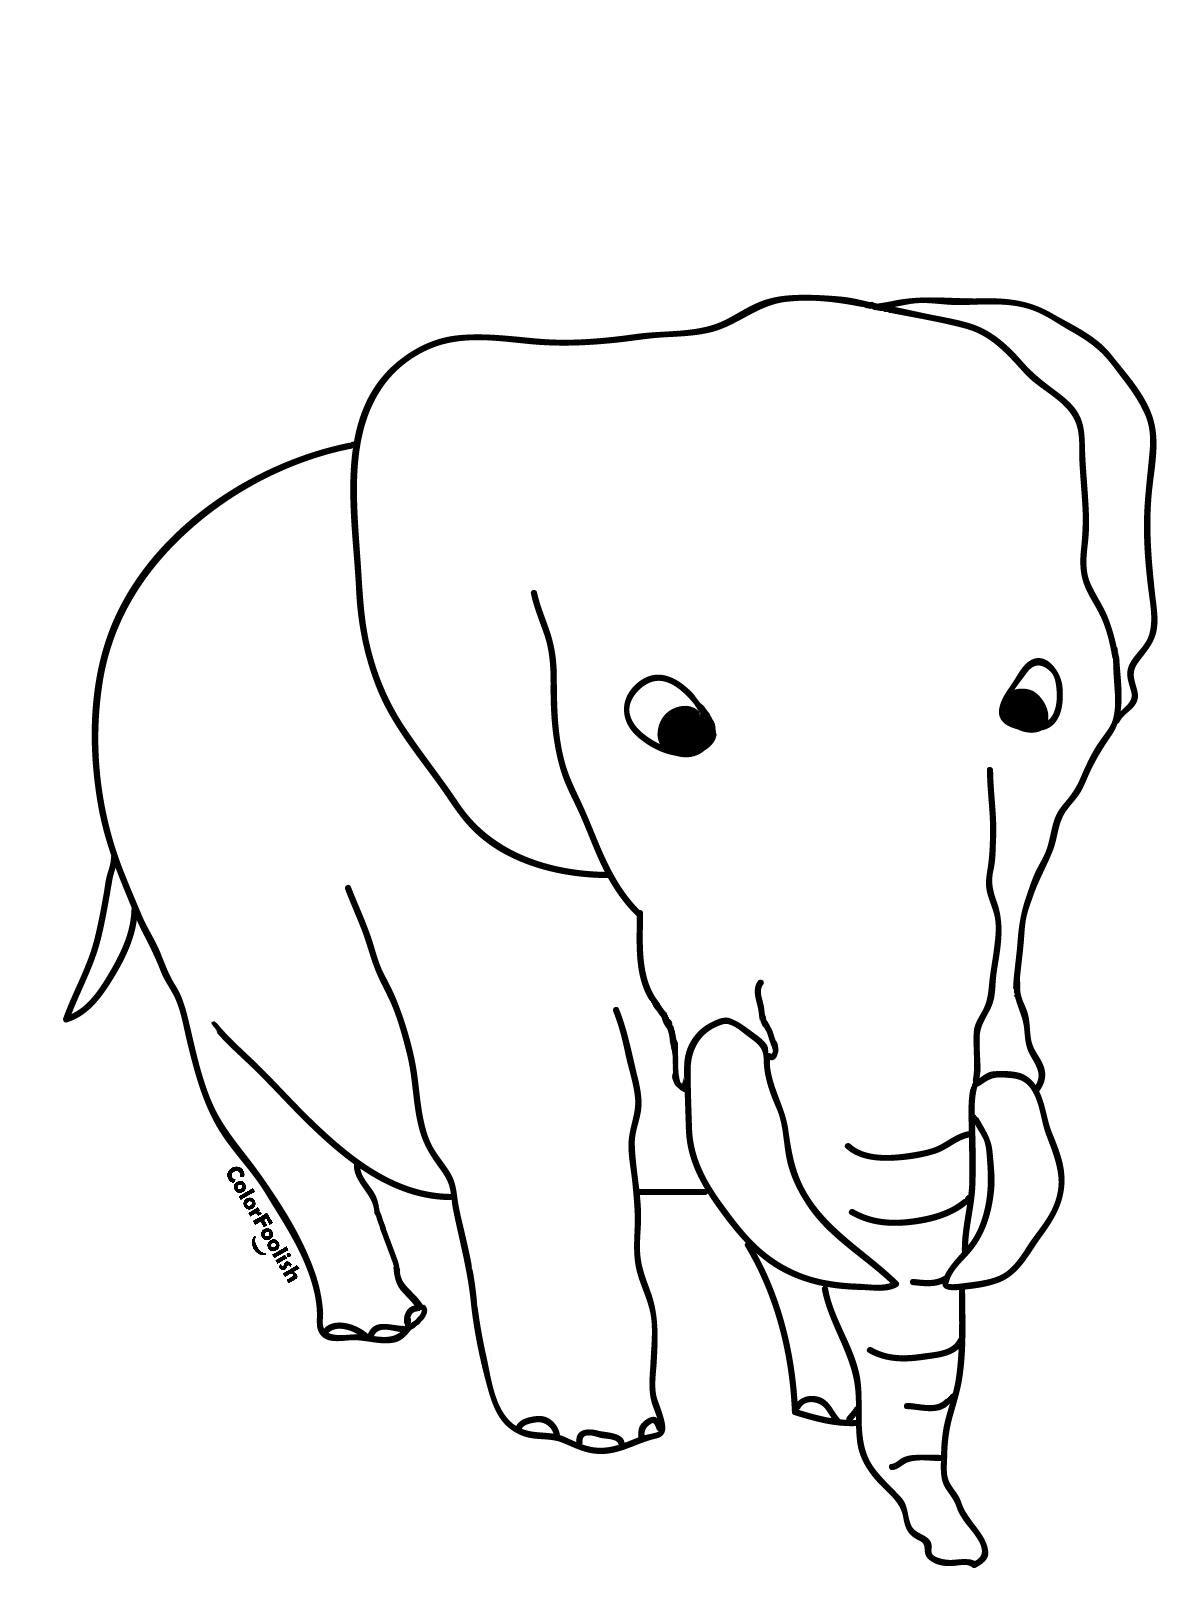 Malvorlage eines großen Elefanten - ColorFoolish